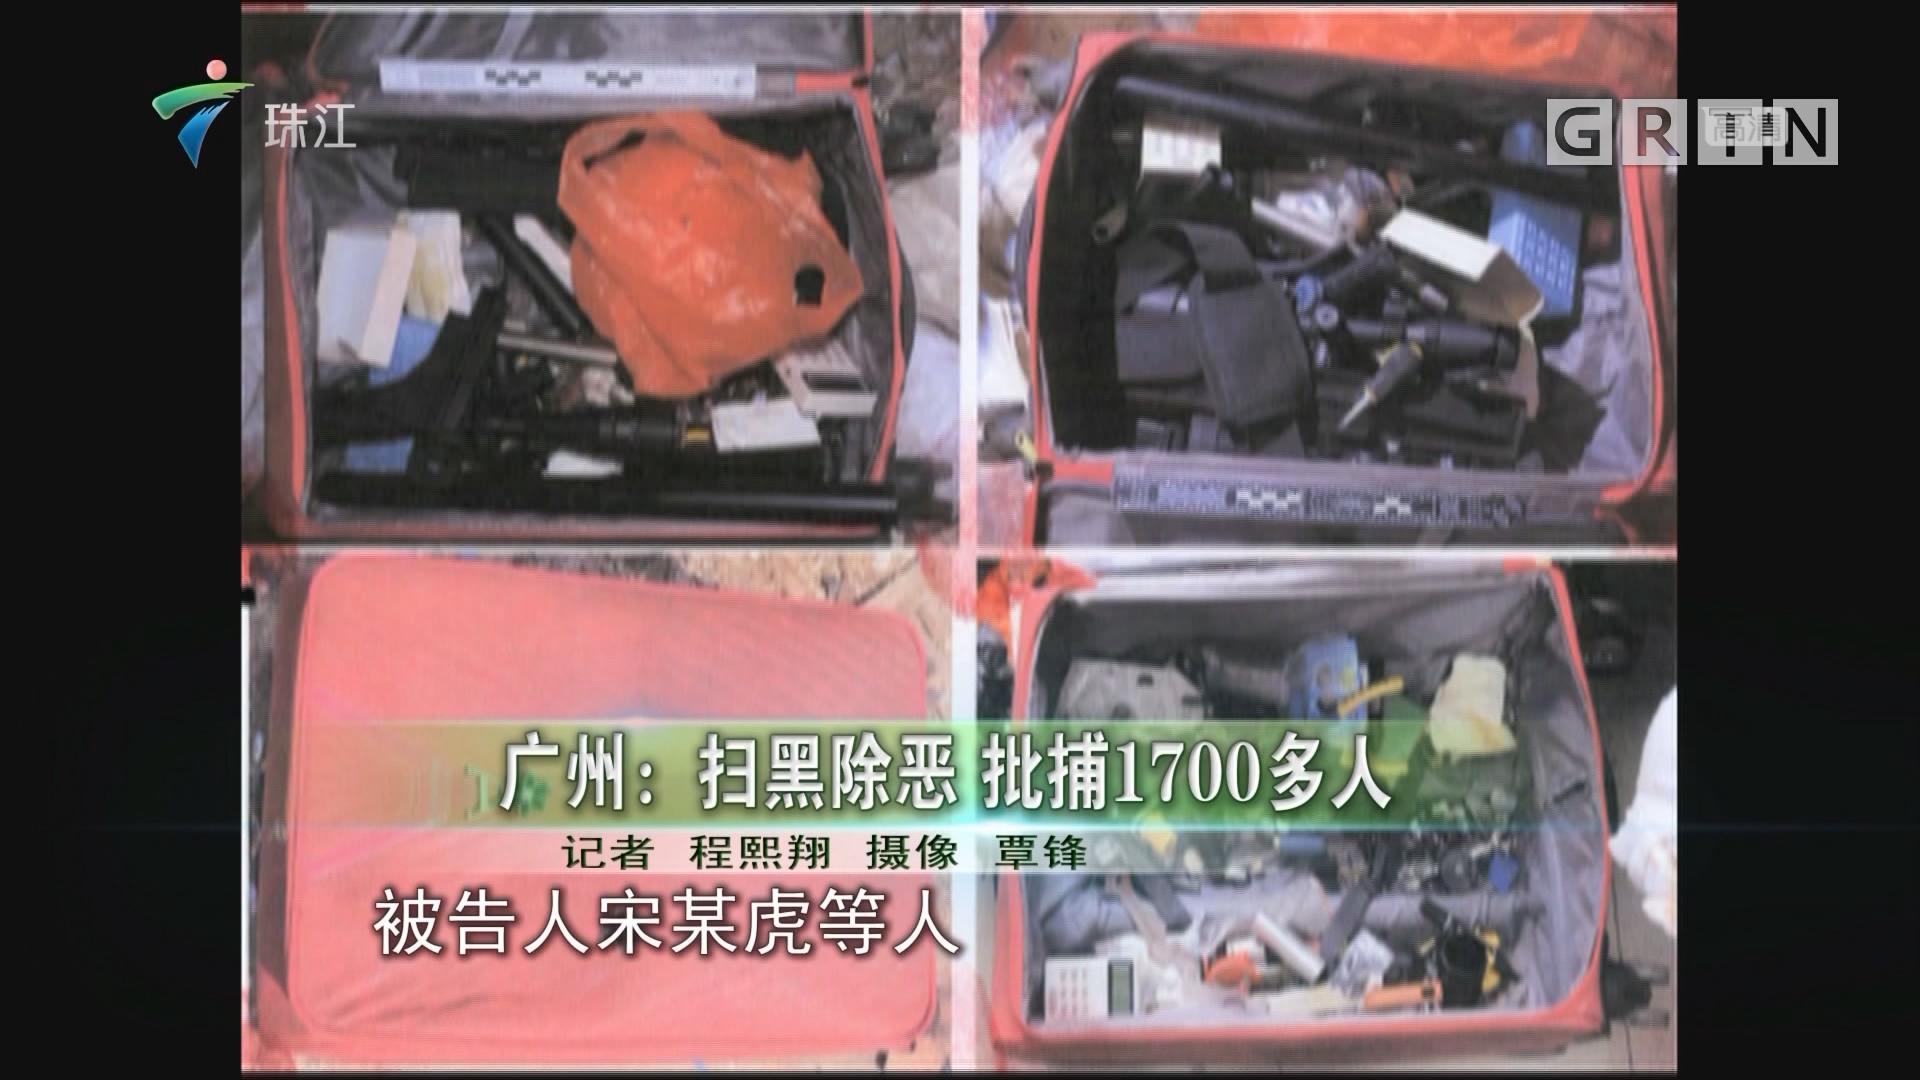 广州:扫黑除恶 批捕1700多人